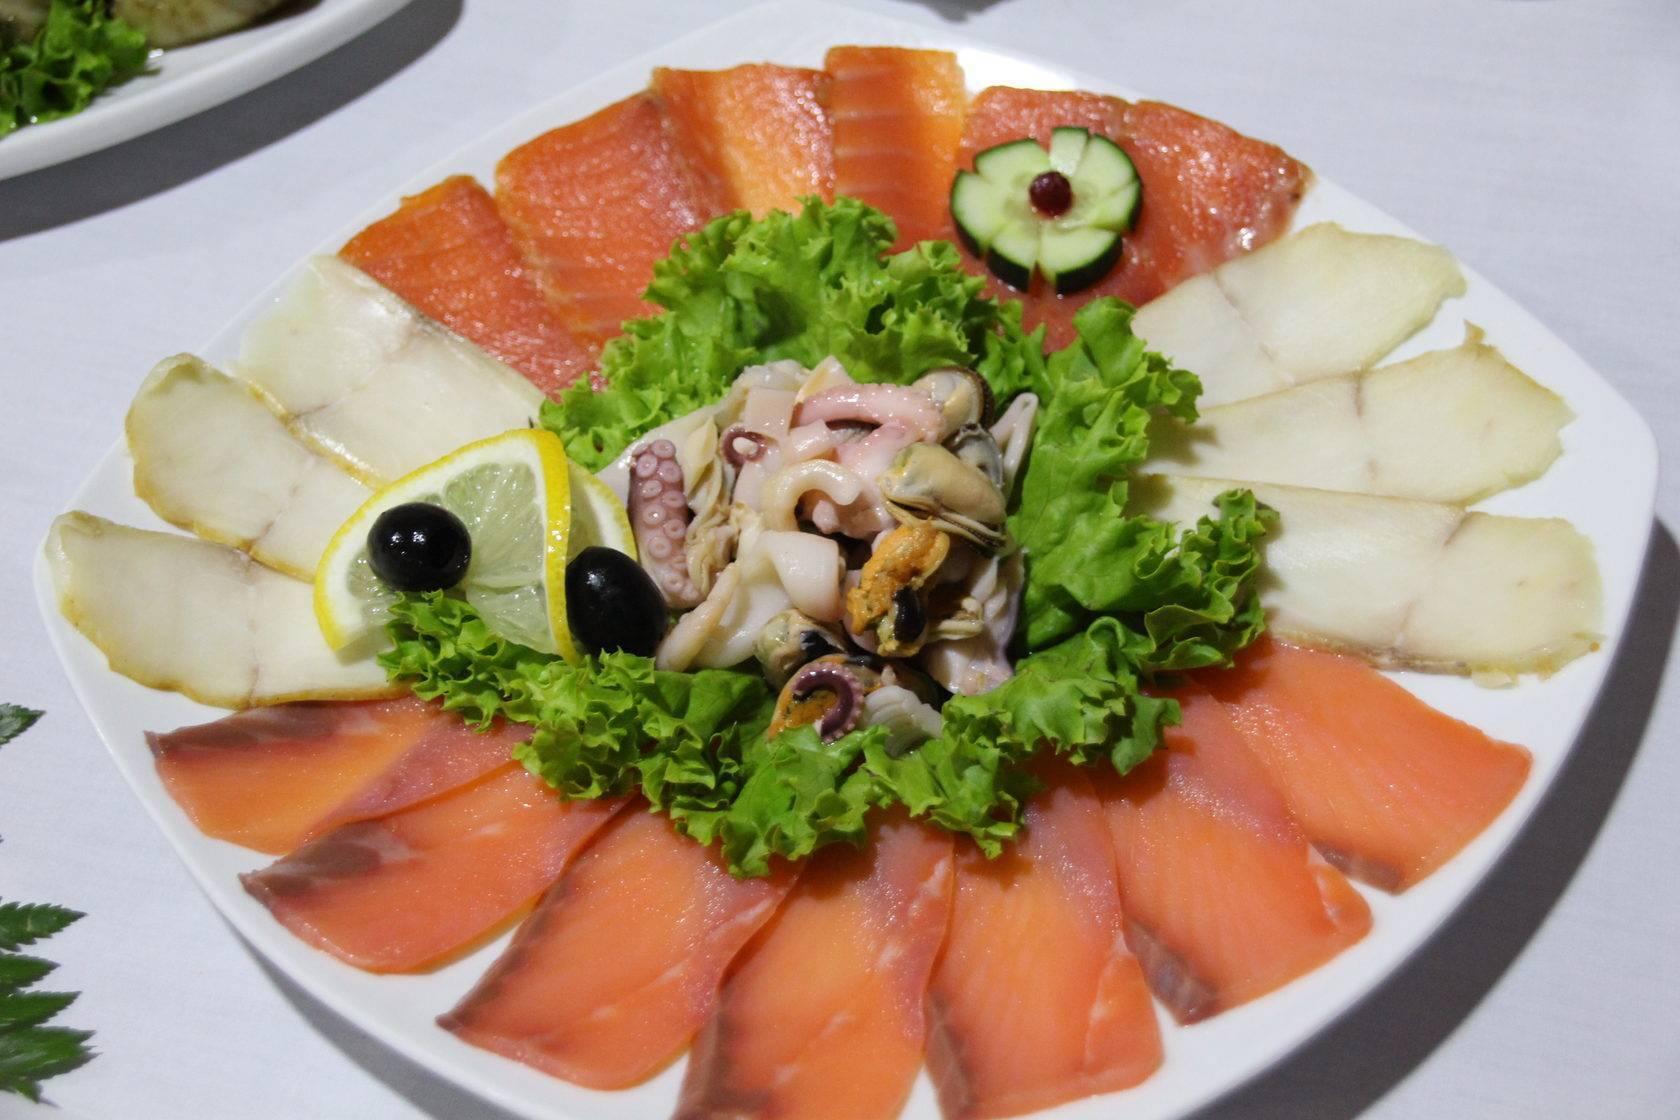 Рыбная нарезка на праздничный стол: фото, нарезка и оформление ассорти из рыбы